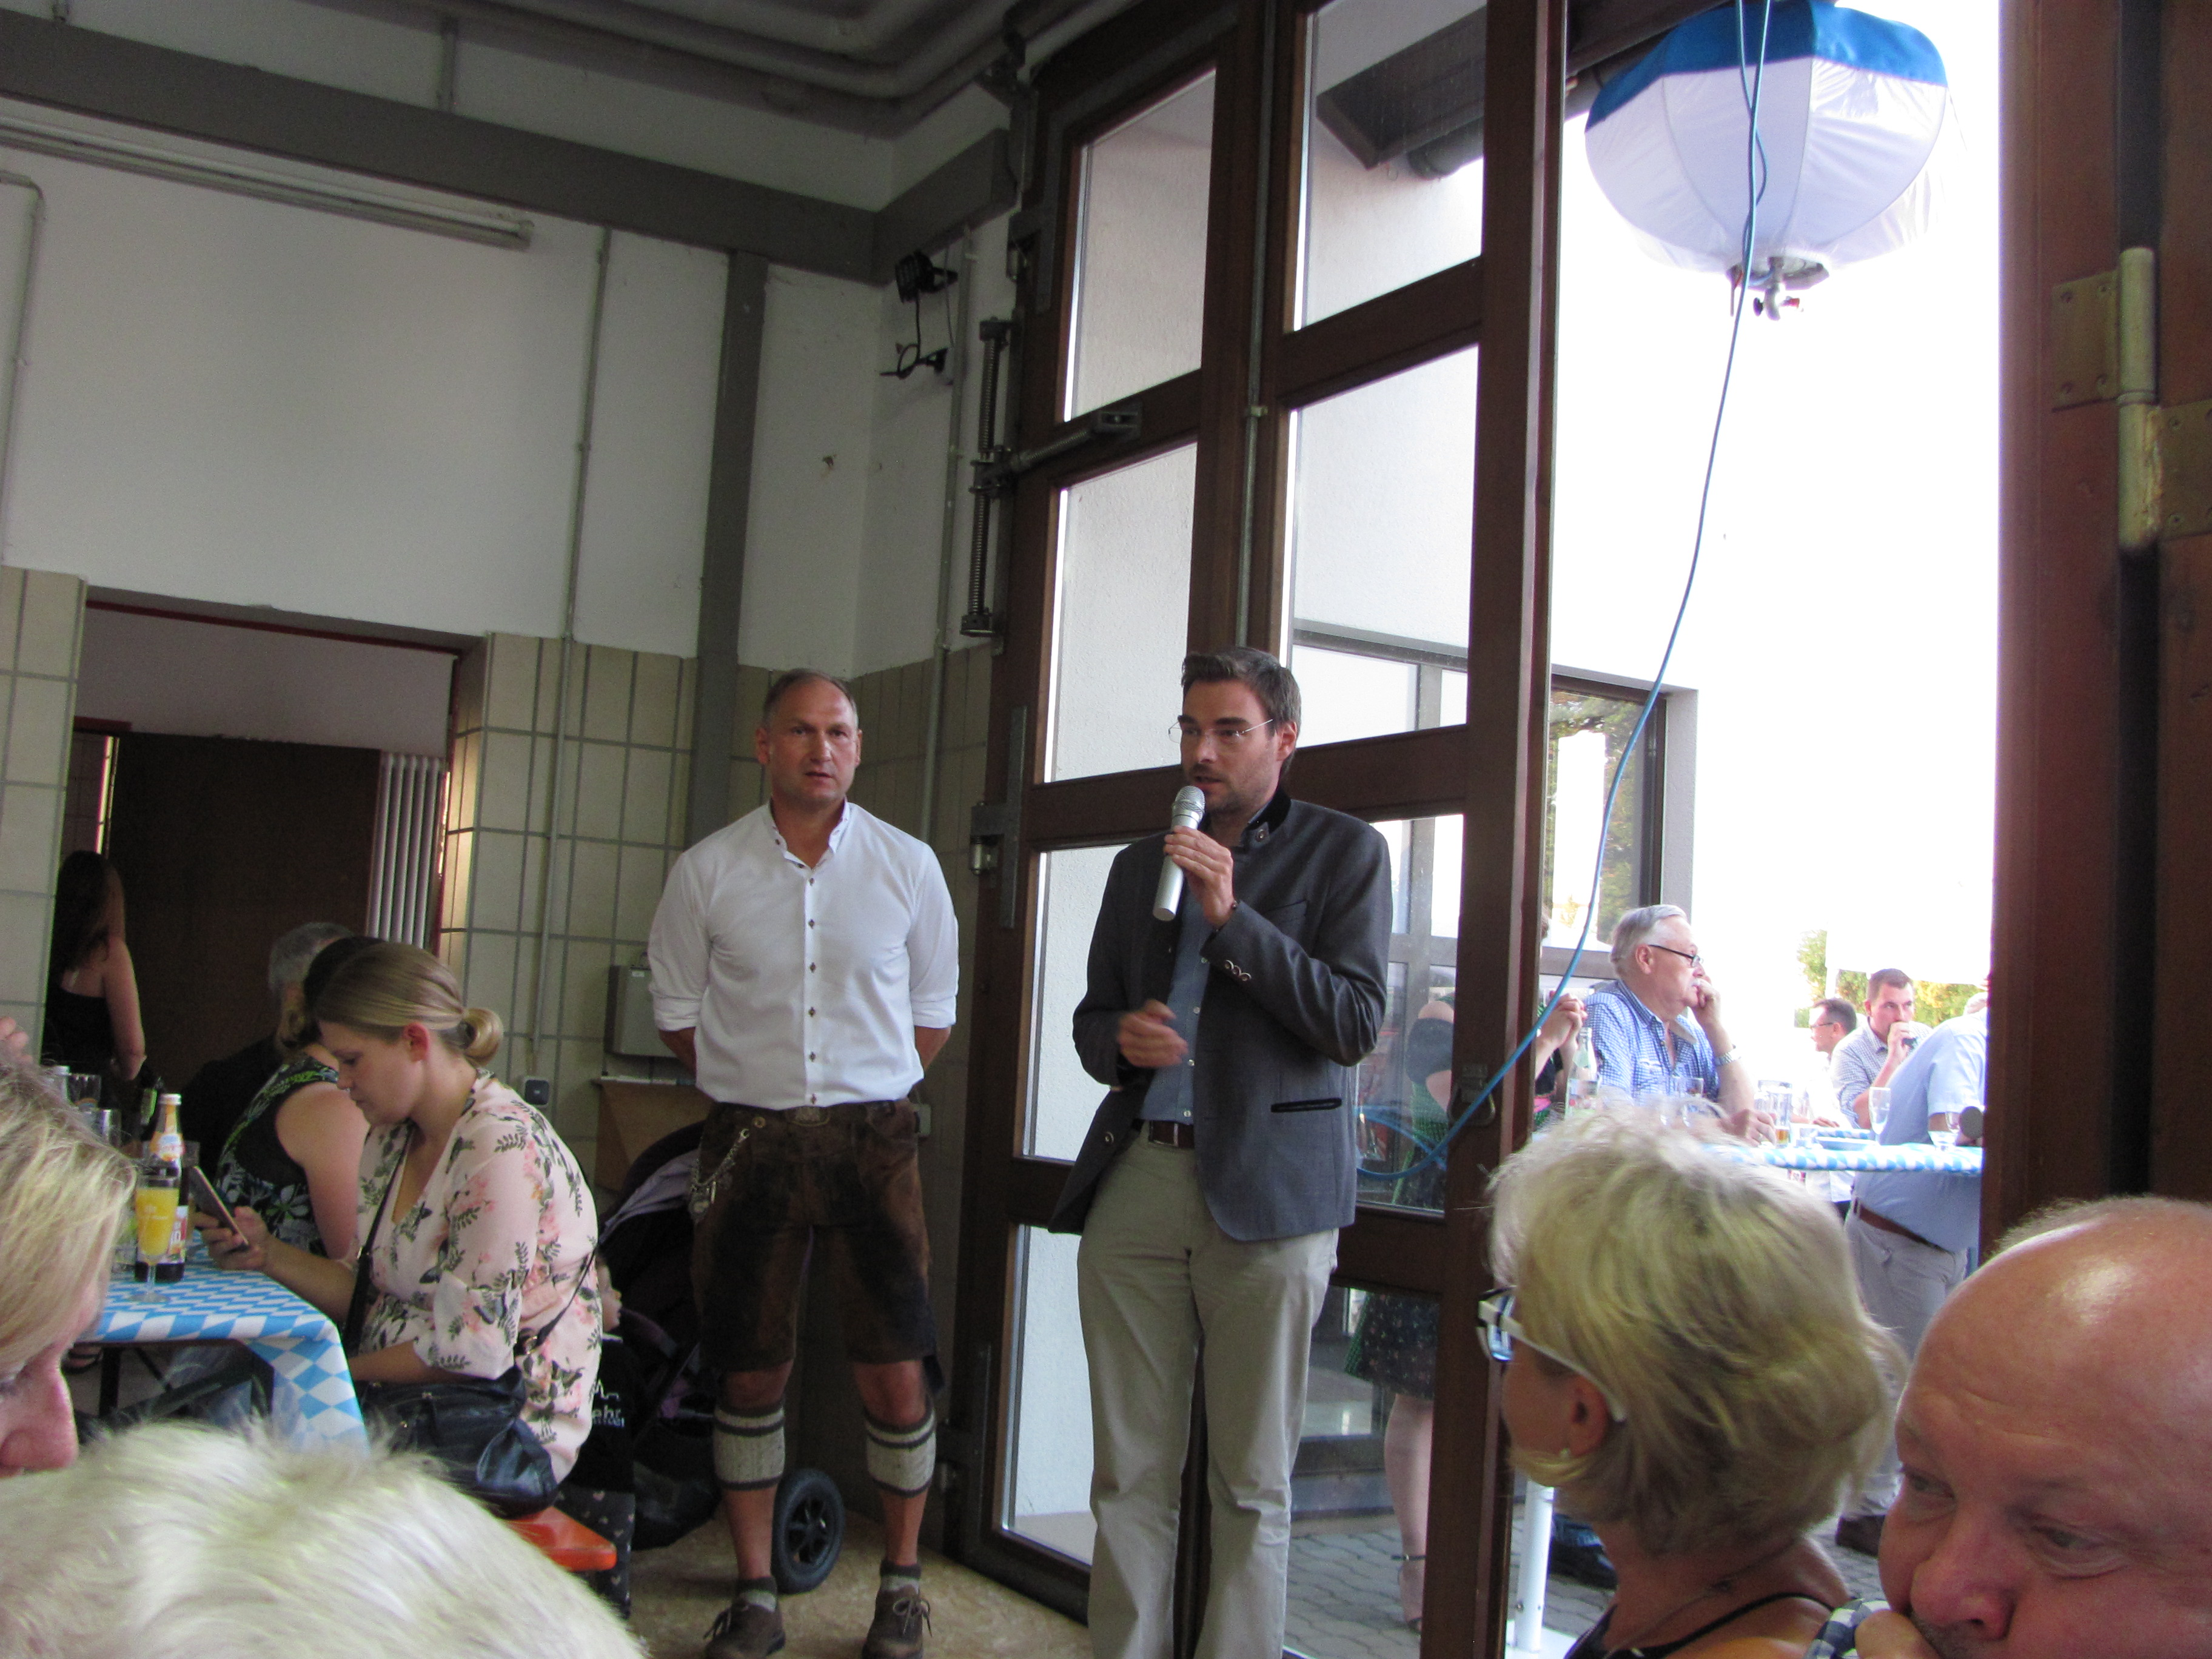 Richard Kammerer, Bürgermeister von Mantel feiert 50. Geburtstag